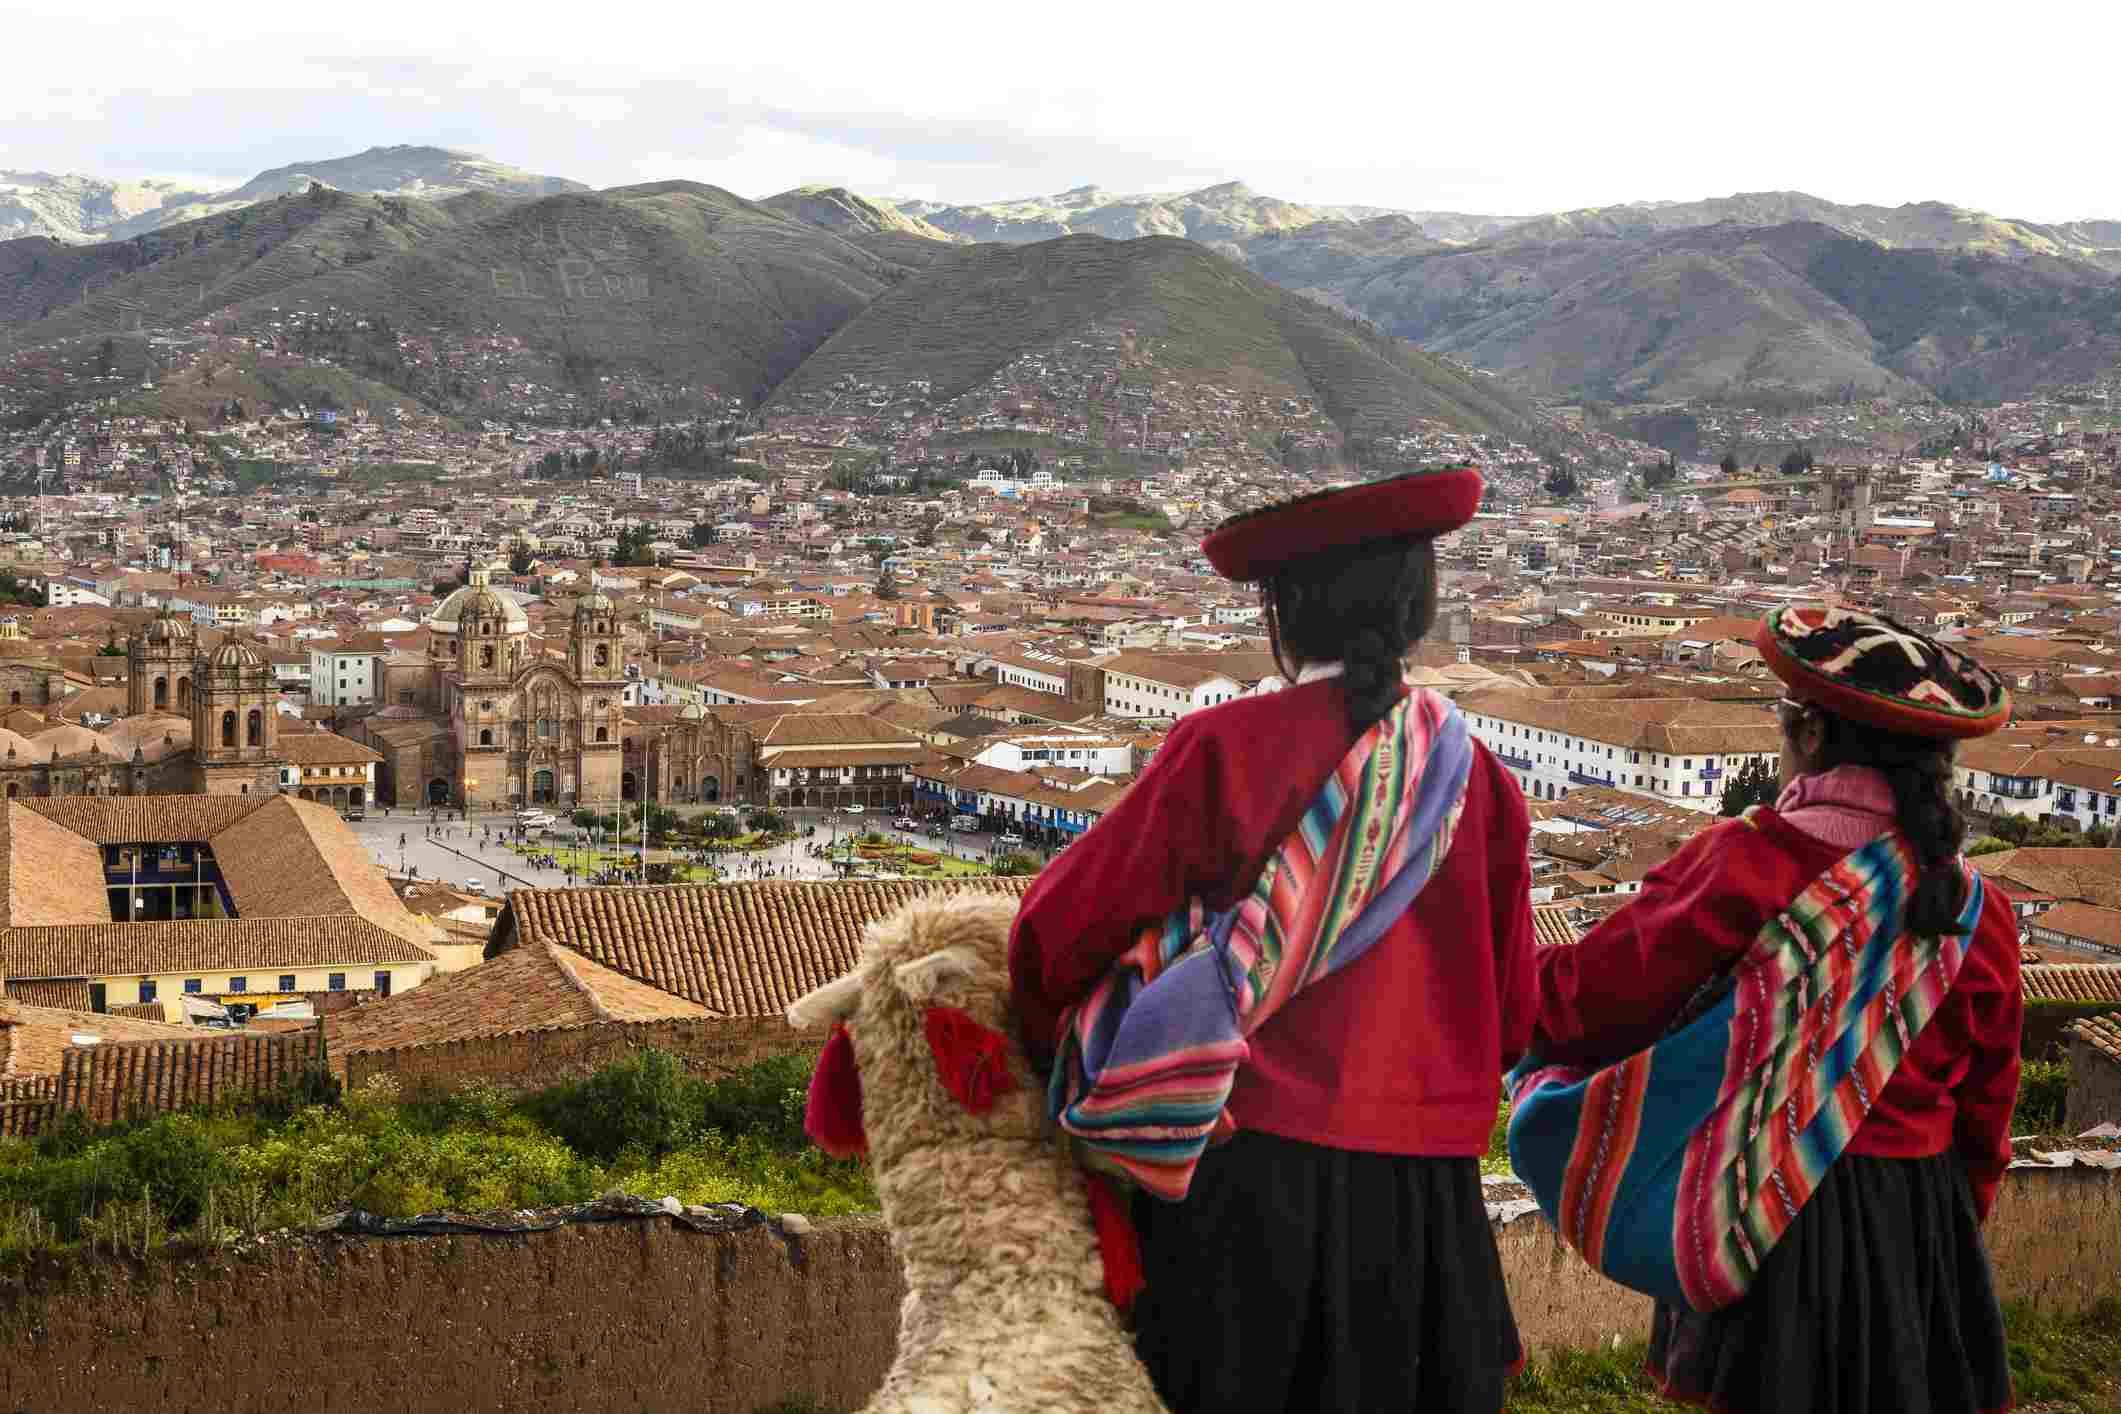 Cuzco and Plaza de Armas